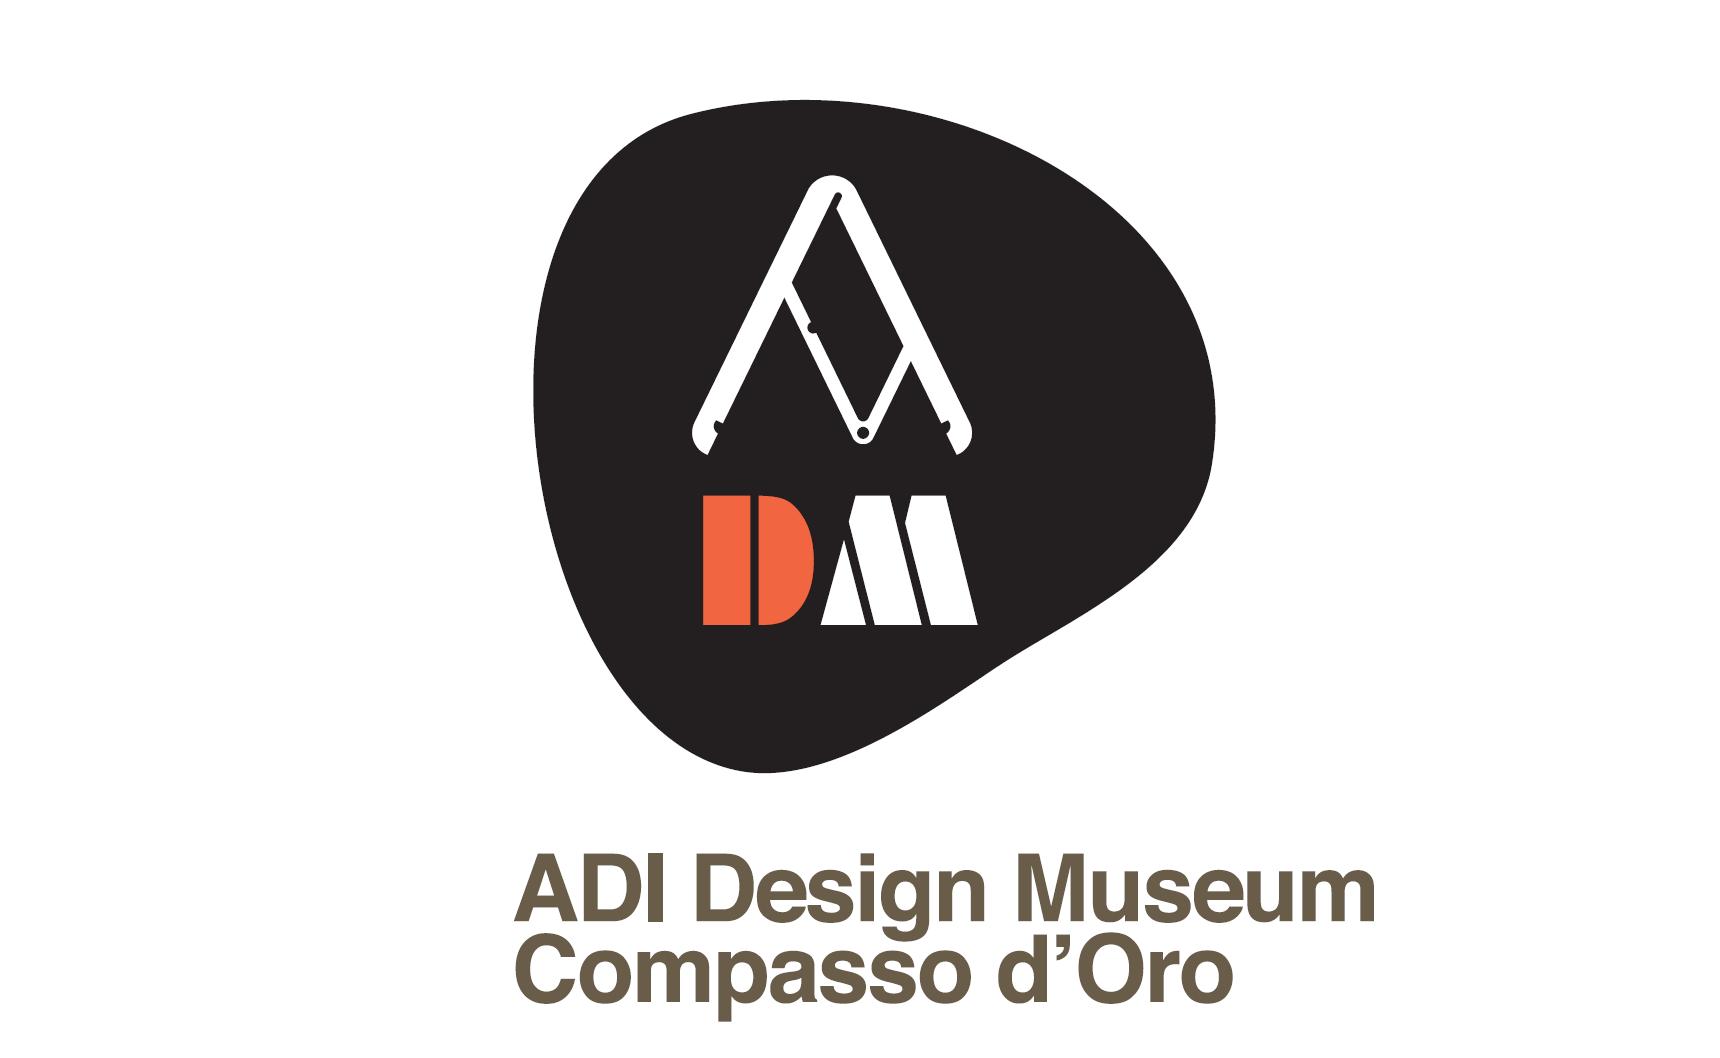 Il logo del Museo del design dell'ADI disegnato da Italo Lupi